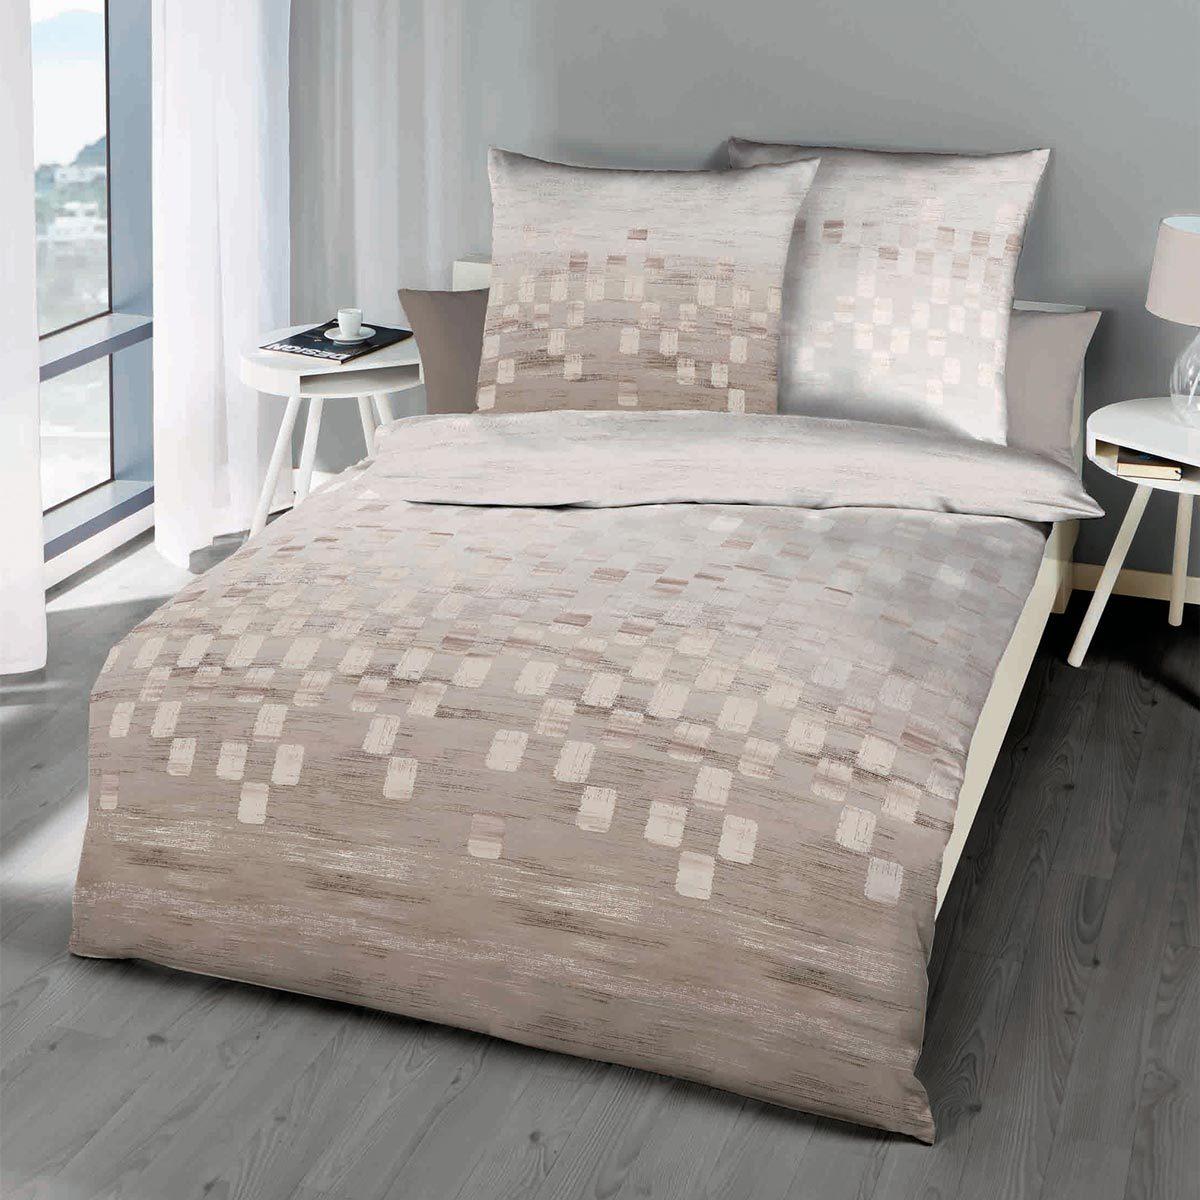 kaeppel mako satin bettw sche domino g nstig online kaufen. Black Bedroom Furniture Sets. Home Design Ideas